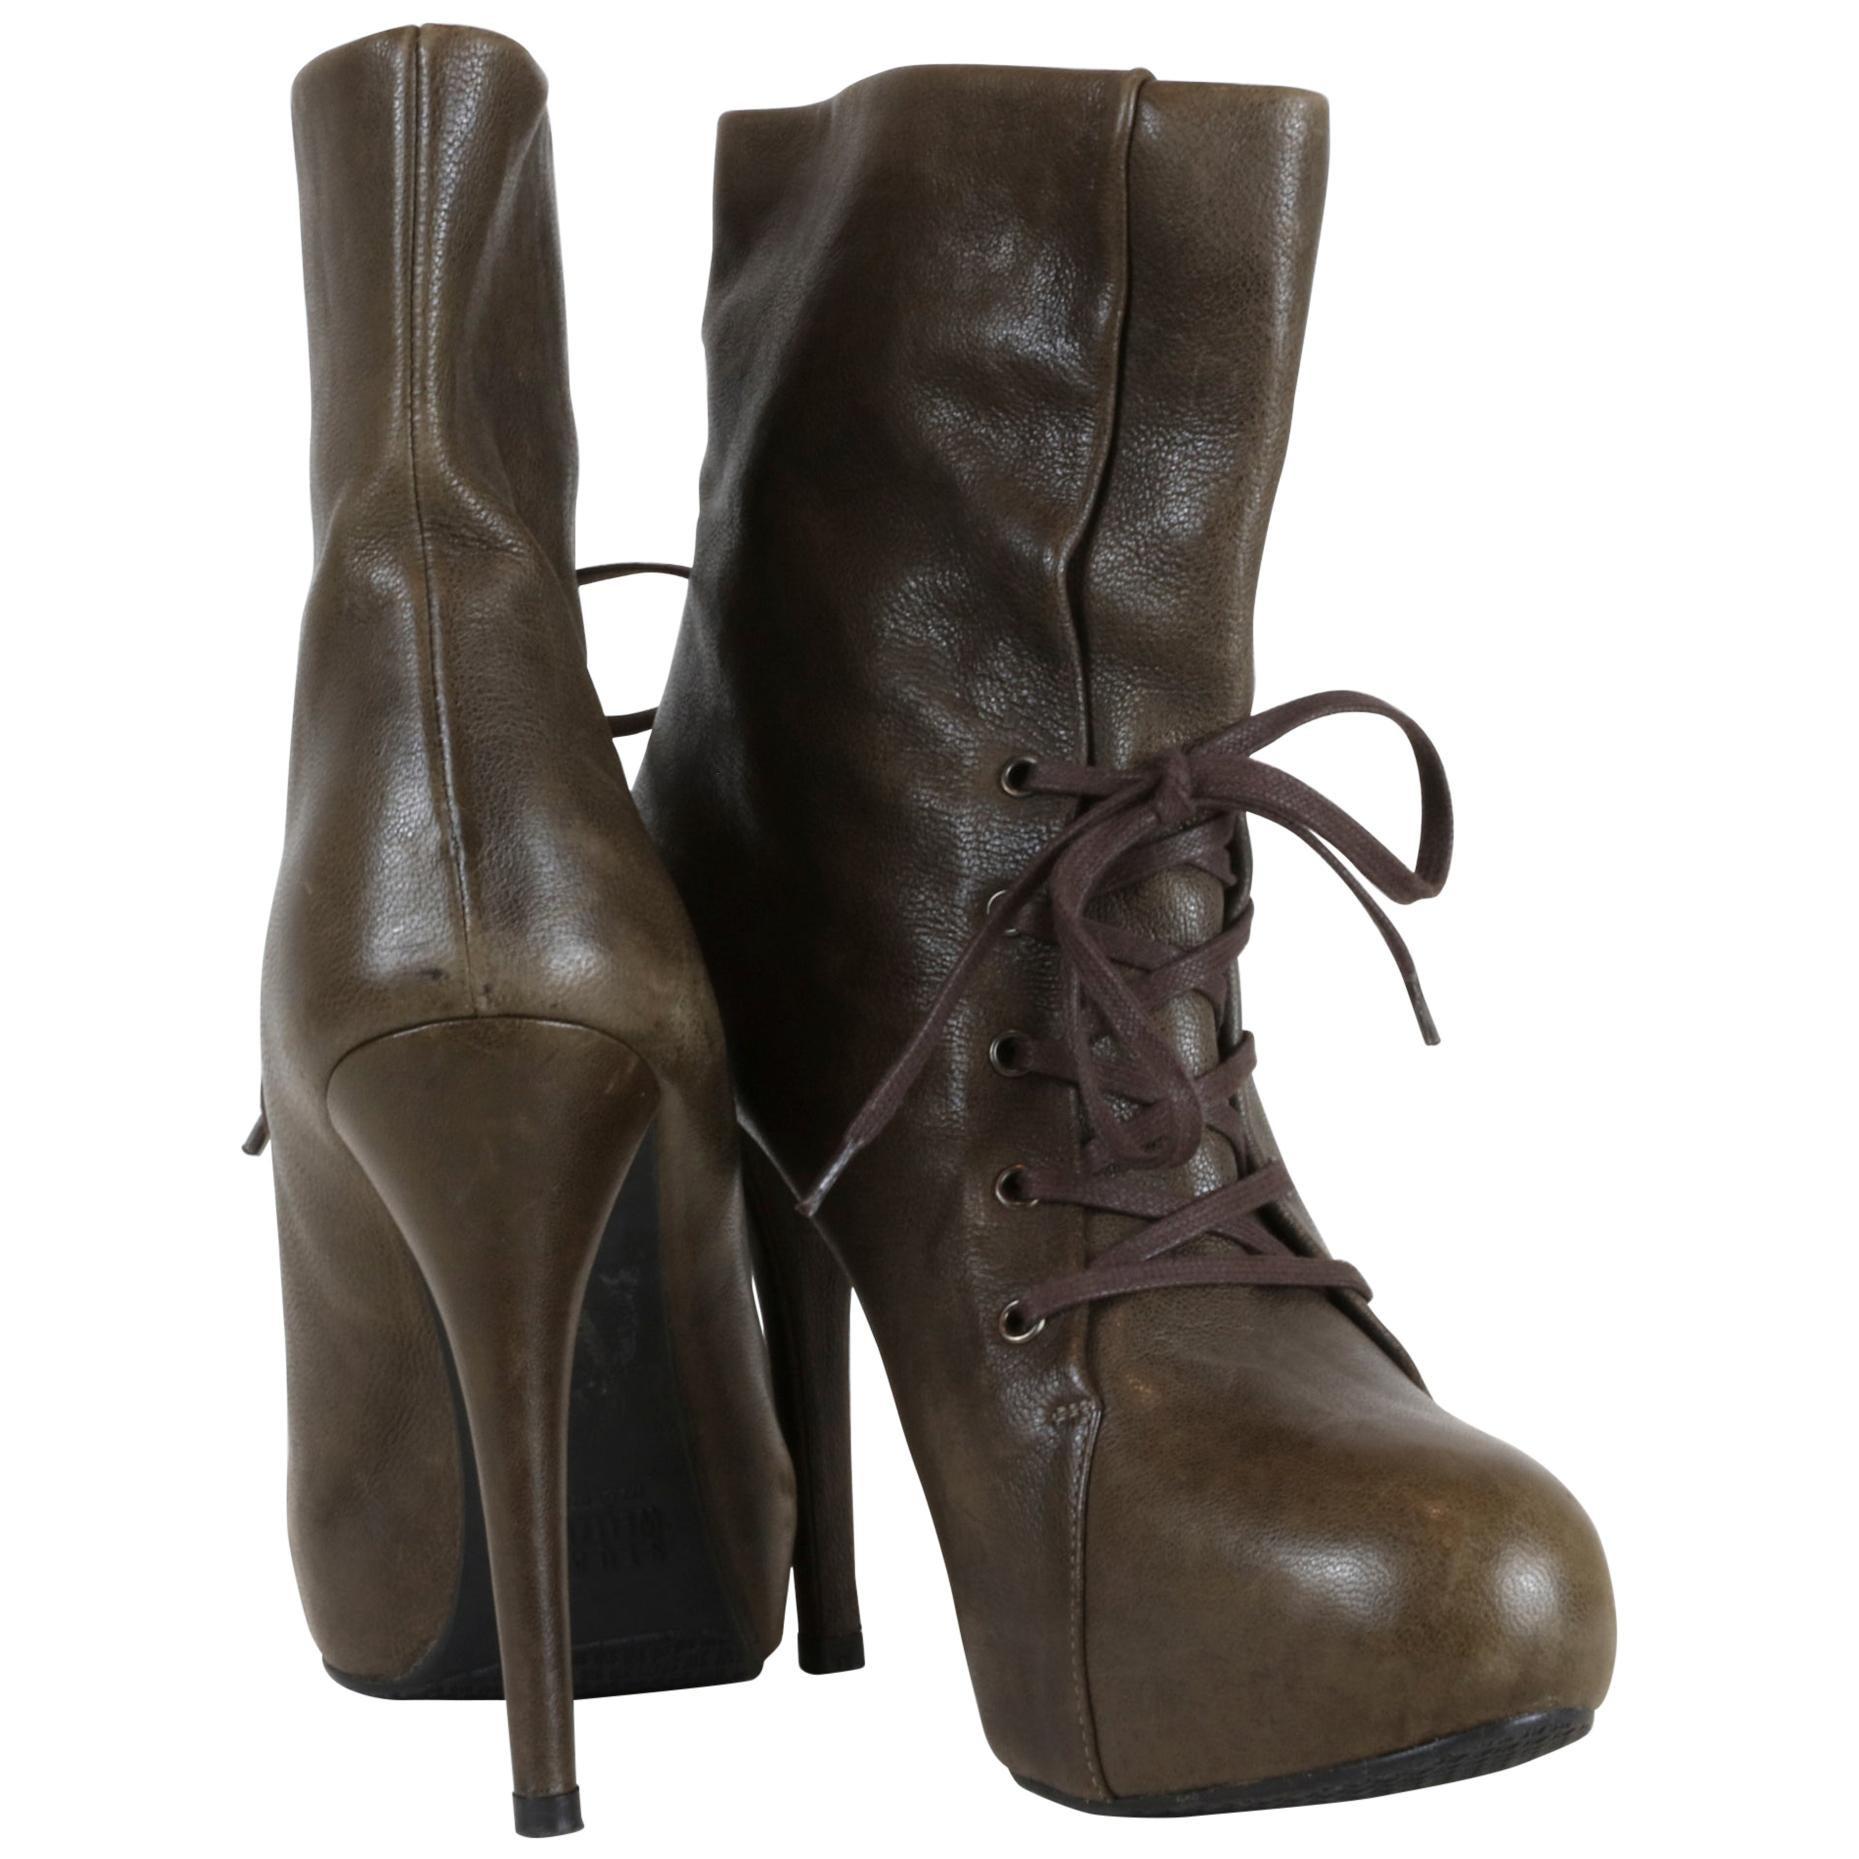 Stuart Weitzman Heel Boots